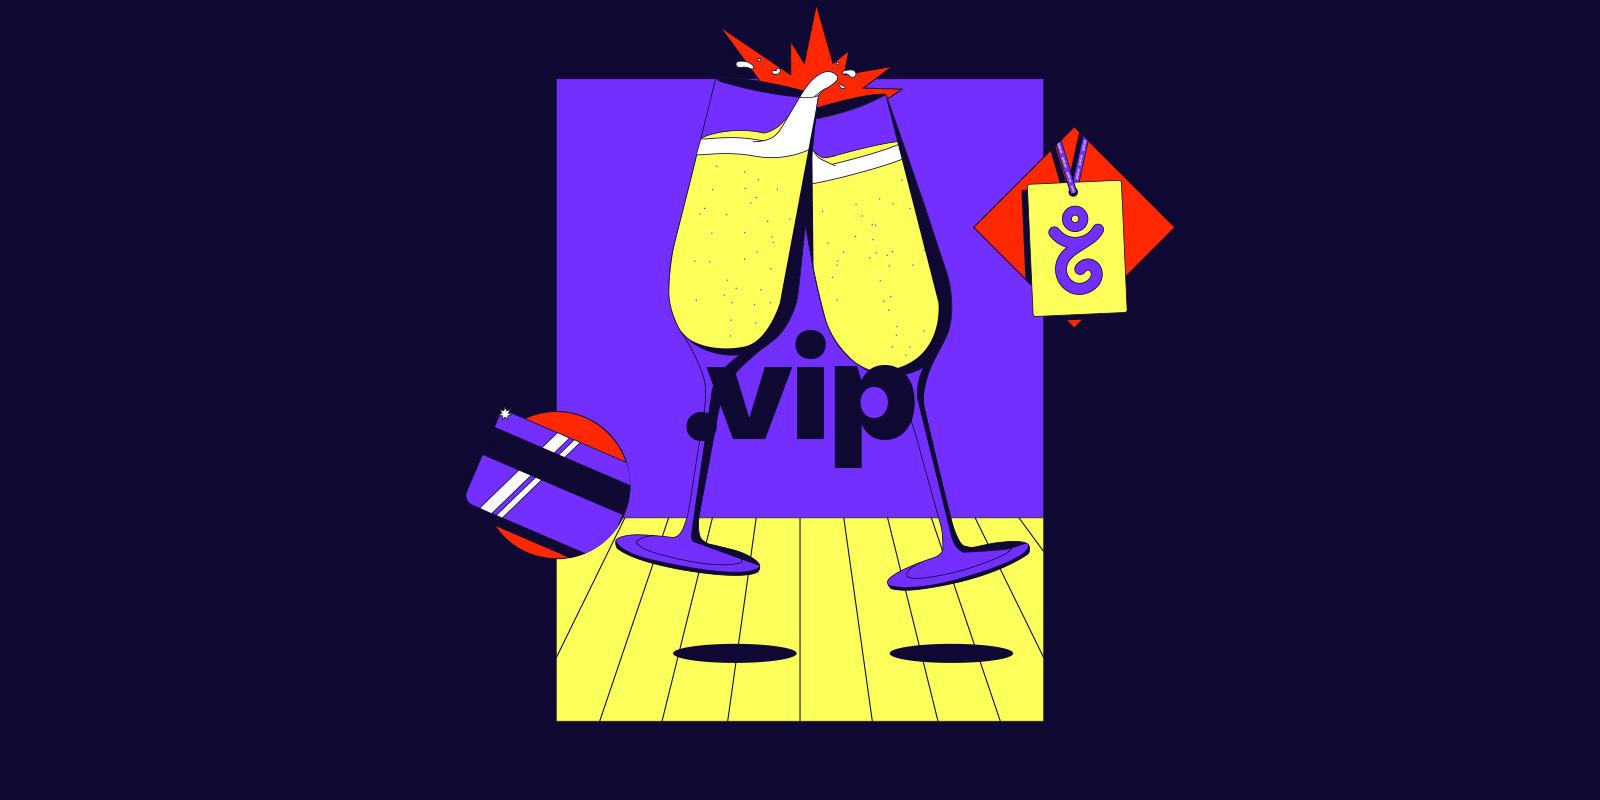 註册 .vip 域名即享 3 折优惠价!